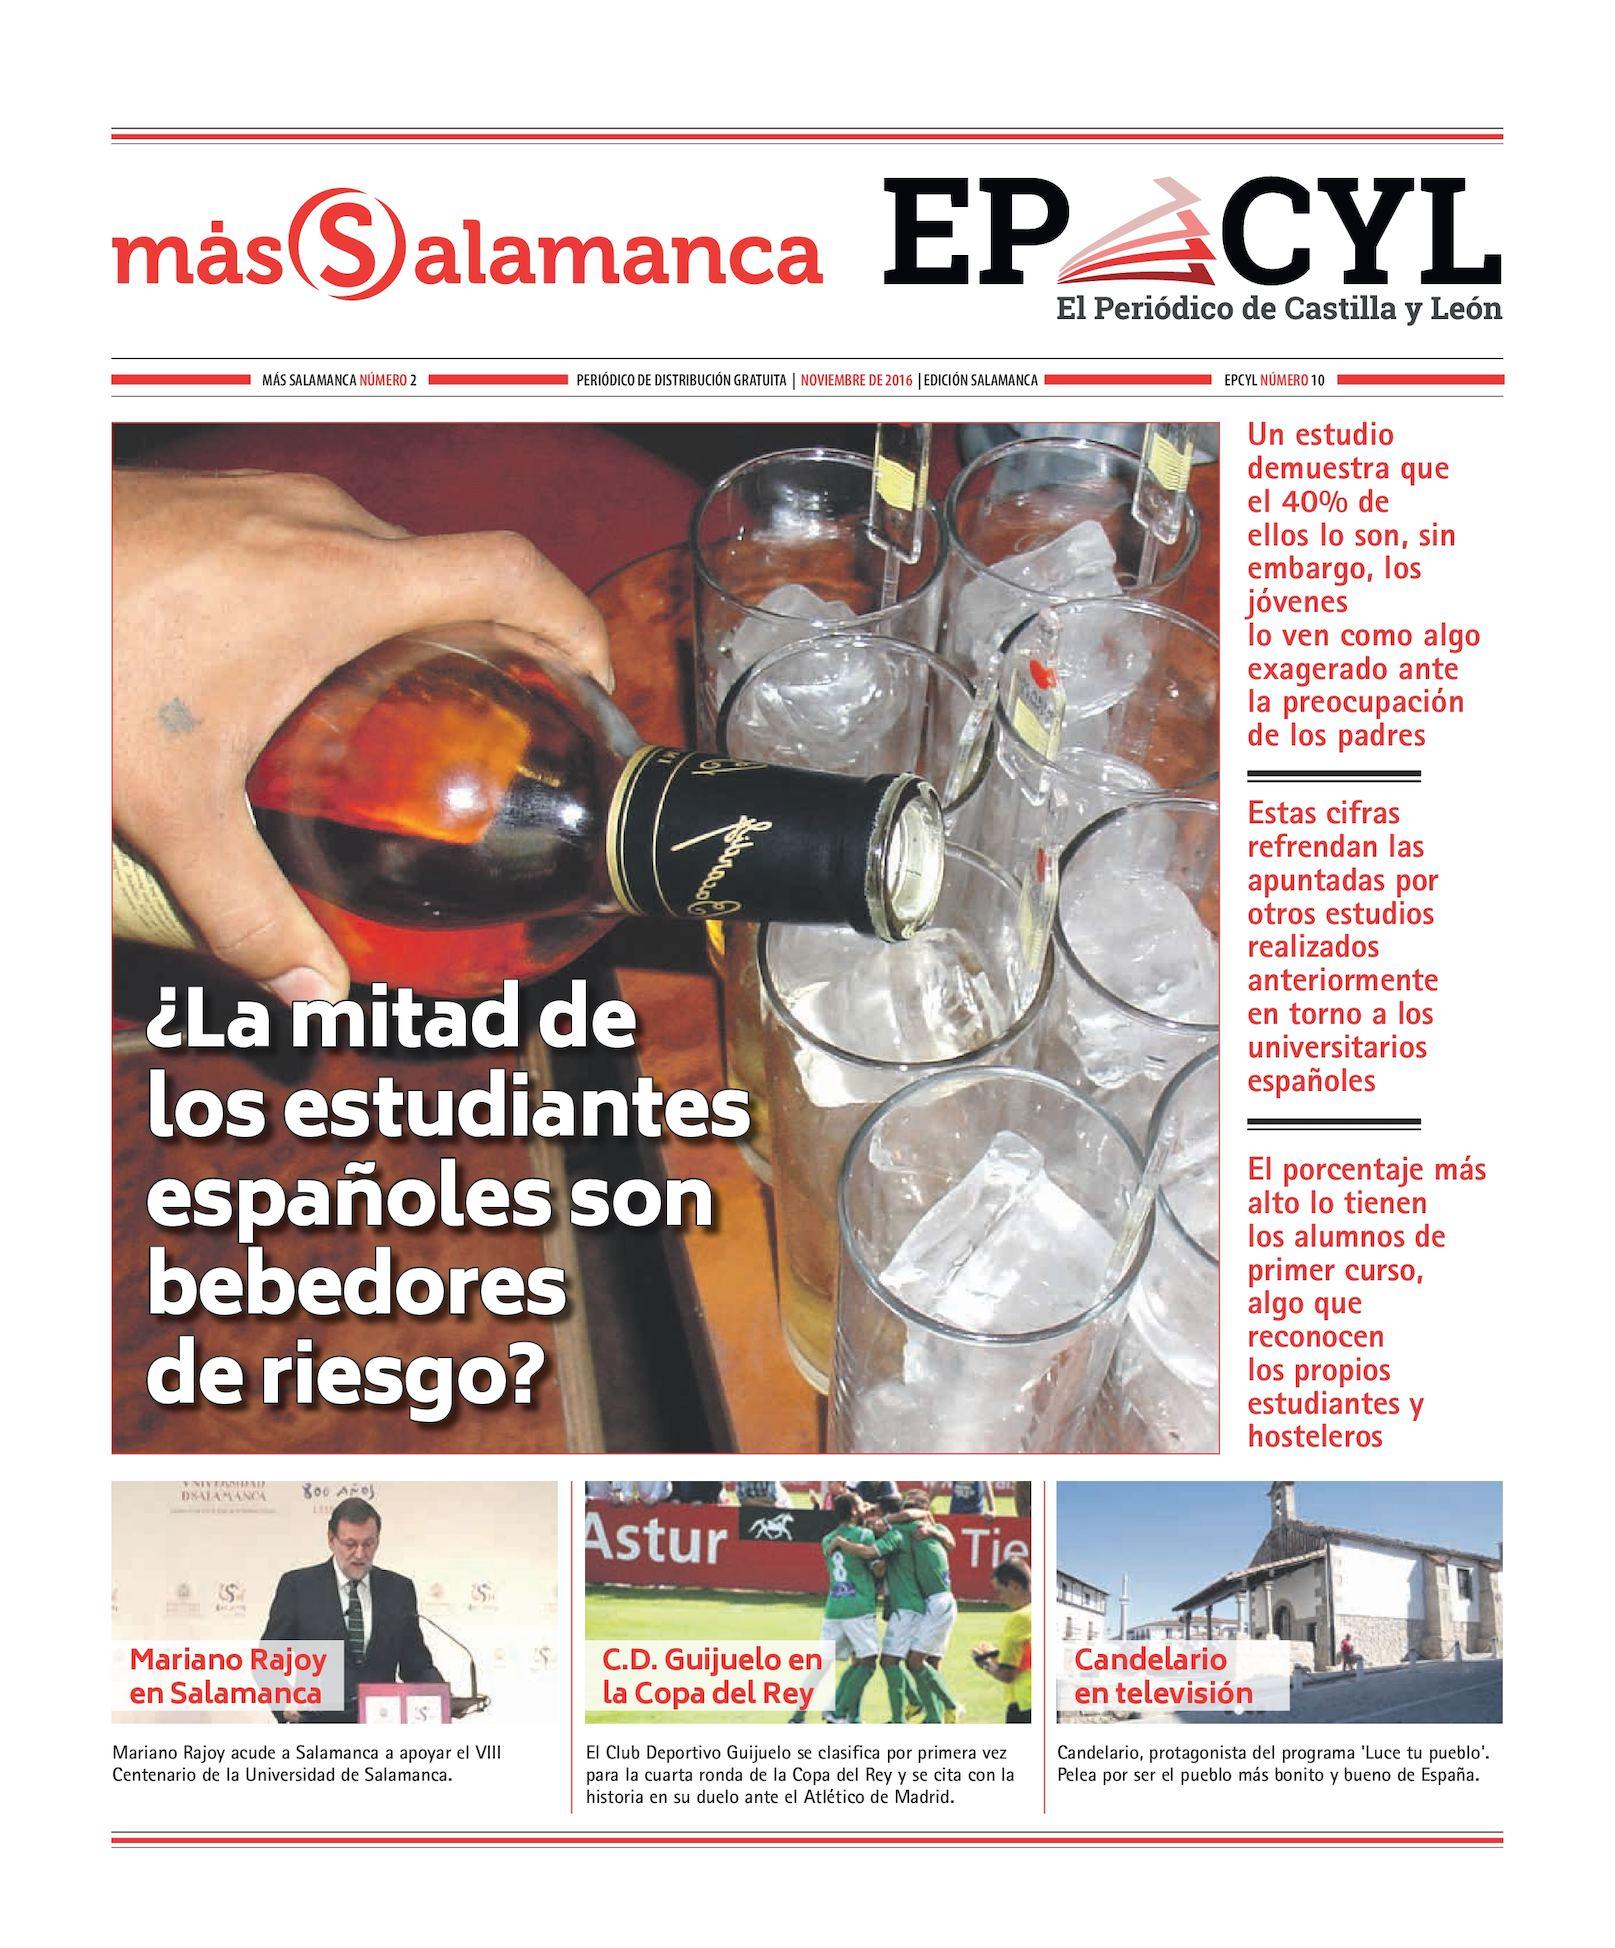 000d85fe9c Calaméo - N10 - Más Salamanca - EPCYL